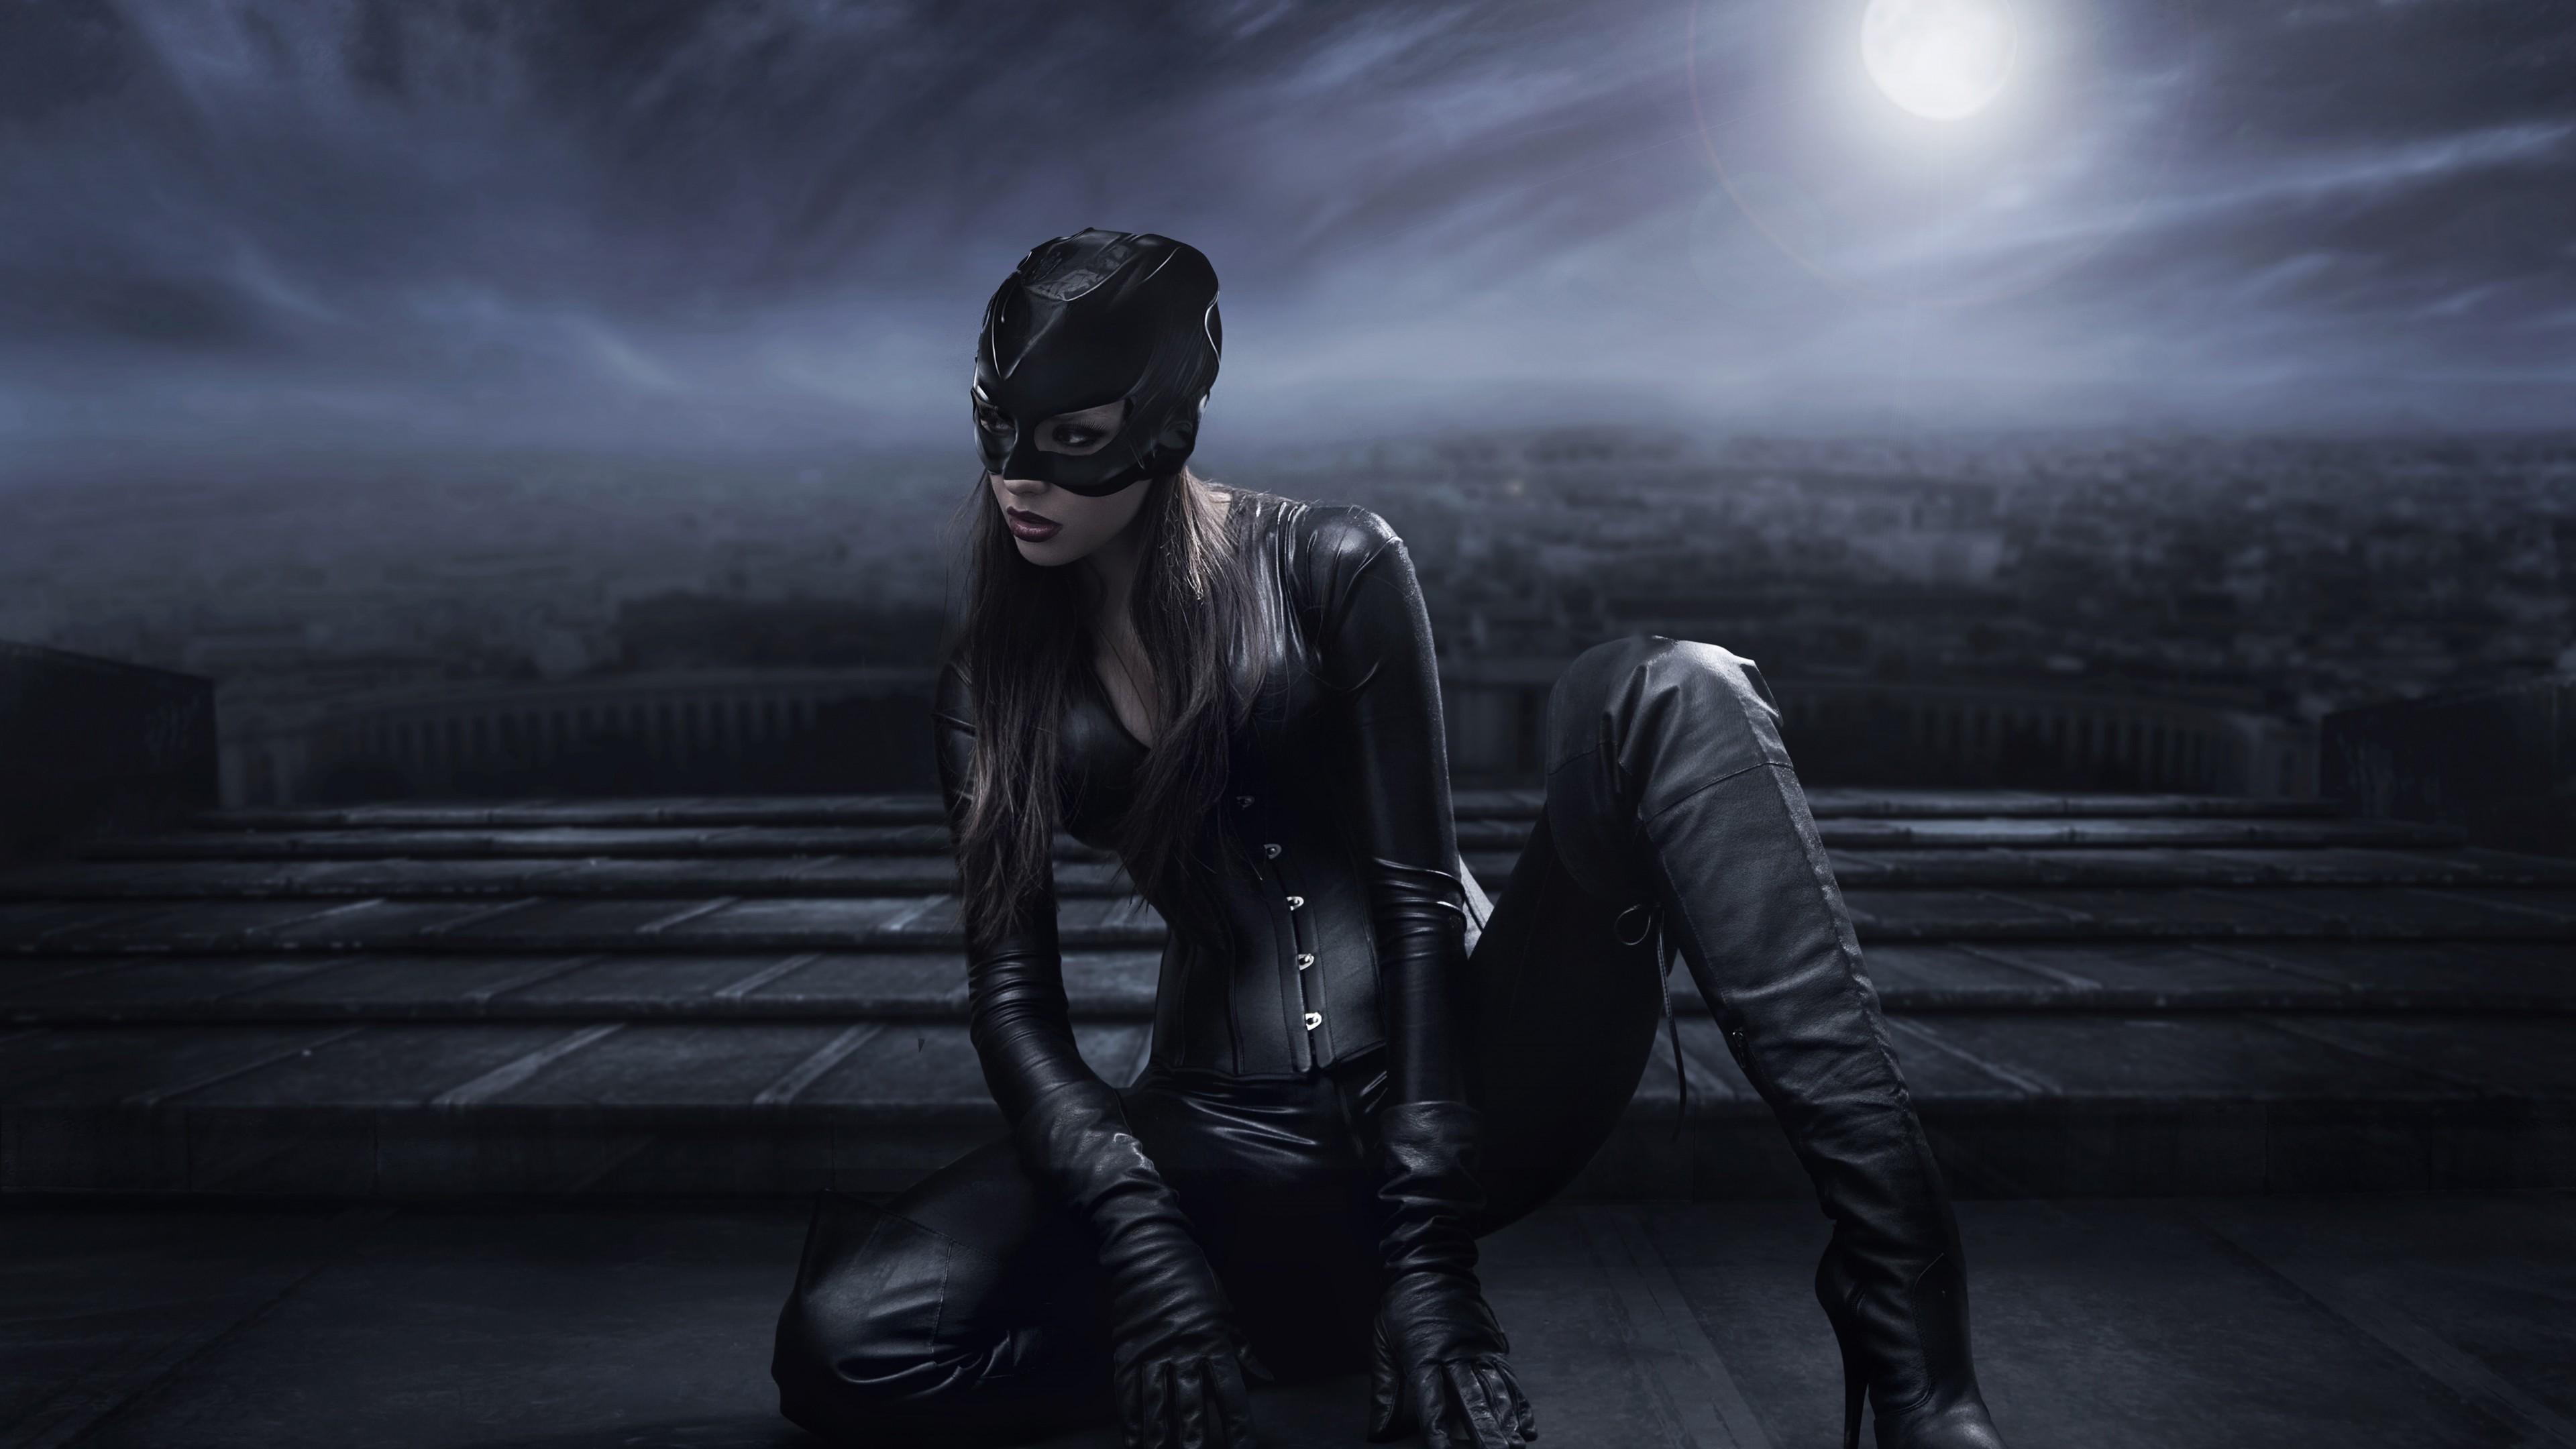 Женщина-кошка в черной кожаной маске и костюме на крыше в отблесках луны